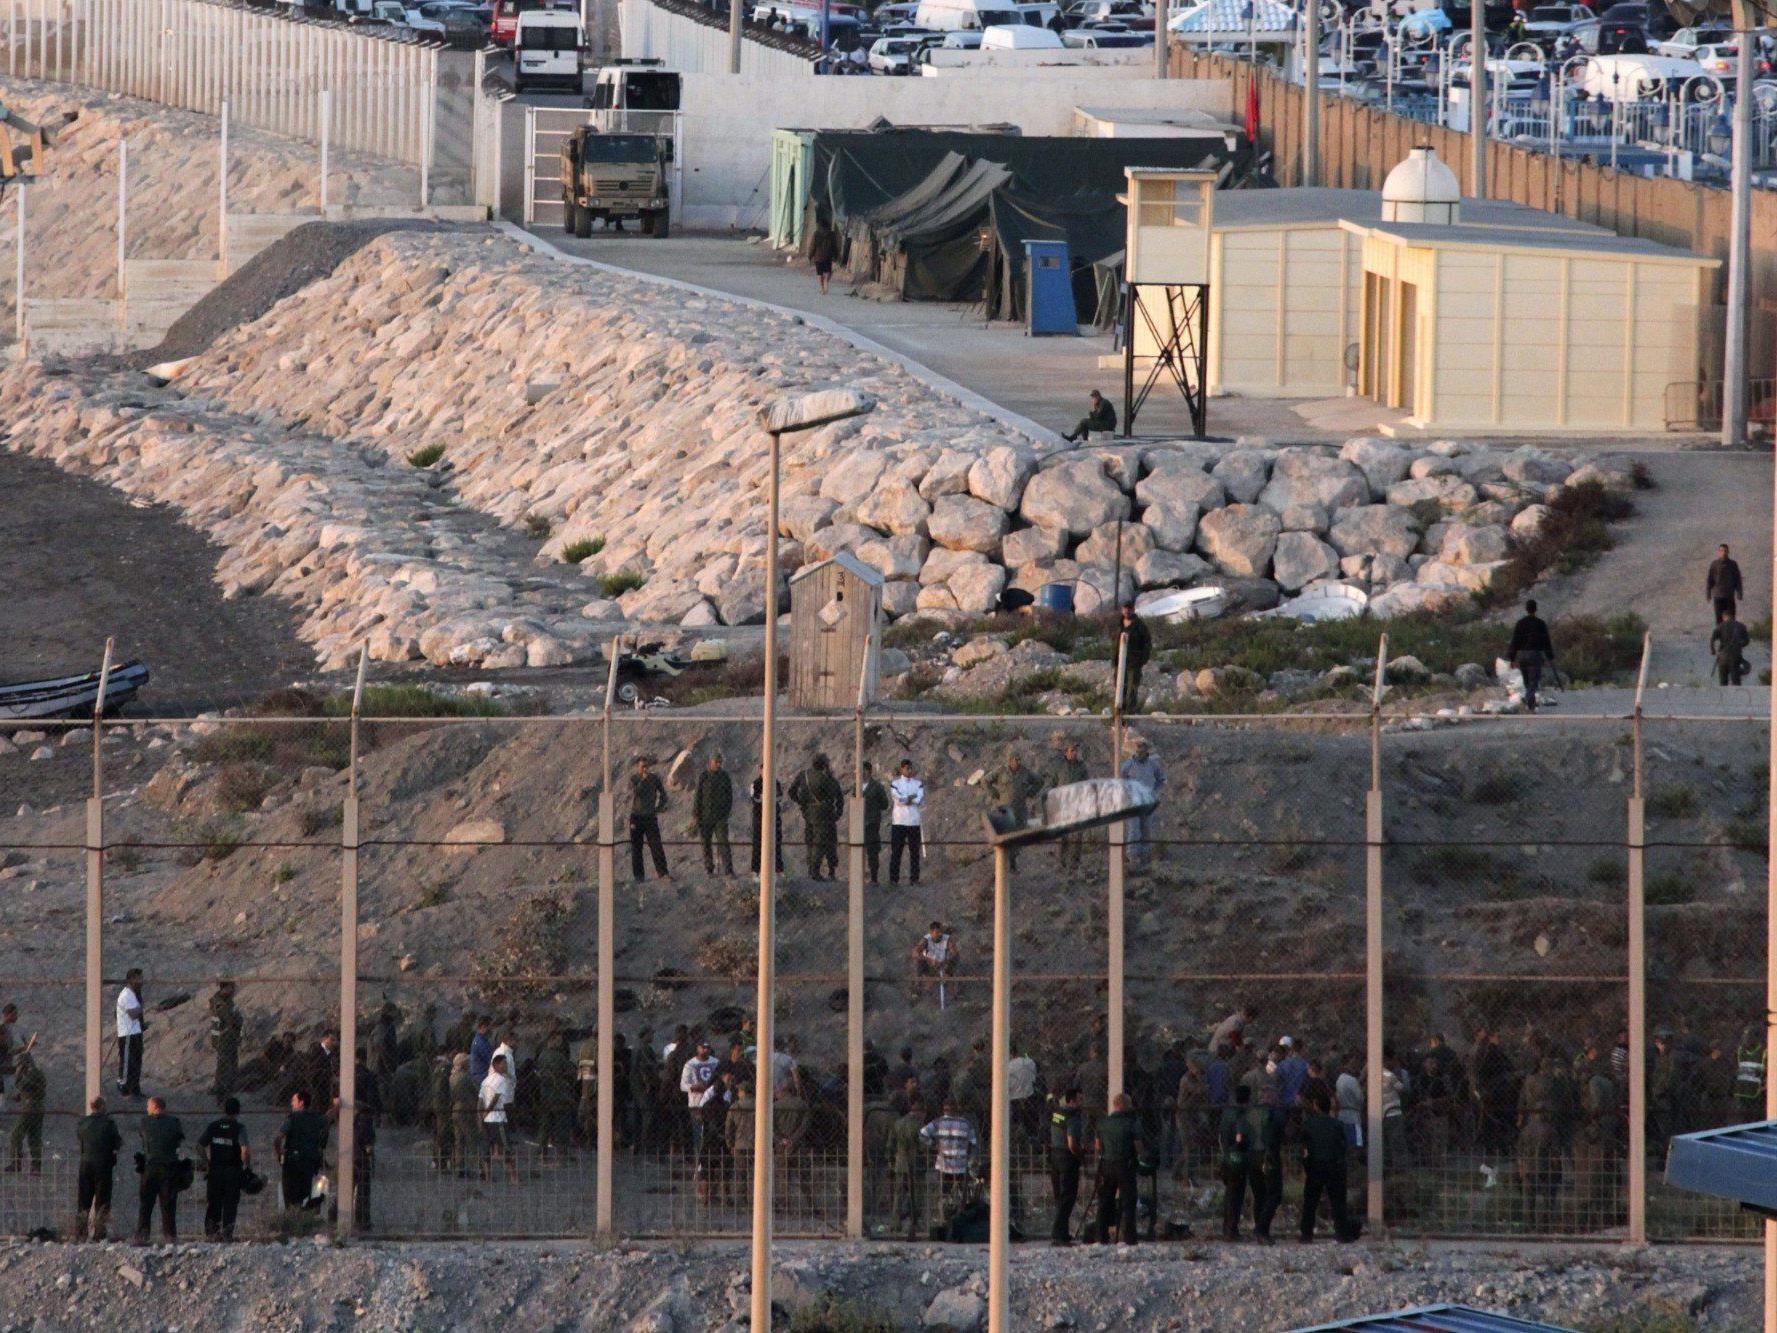 Die Flüchtlinge sprangen auf der Flucht vor der Gendarmerie ins Meer.